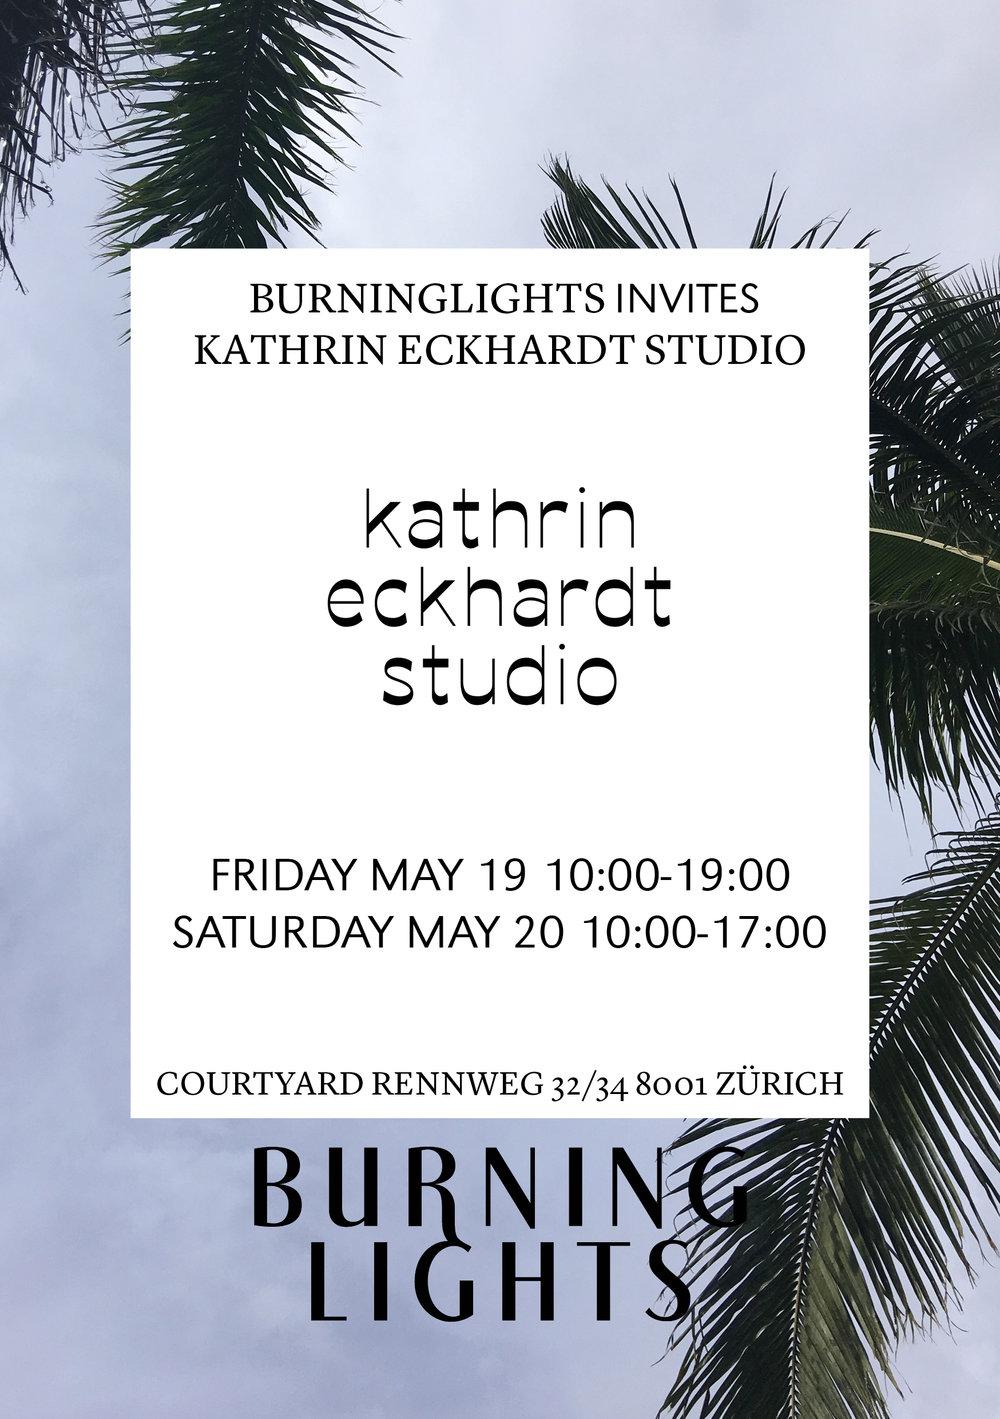 burninglights_kathrineckhardt_verkauf_zurich